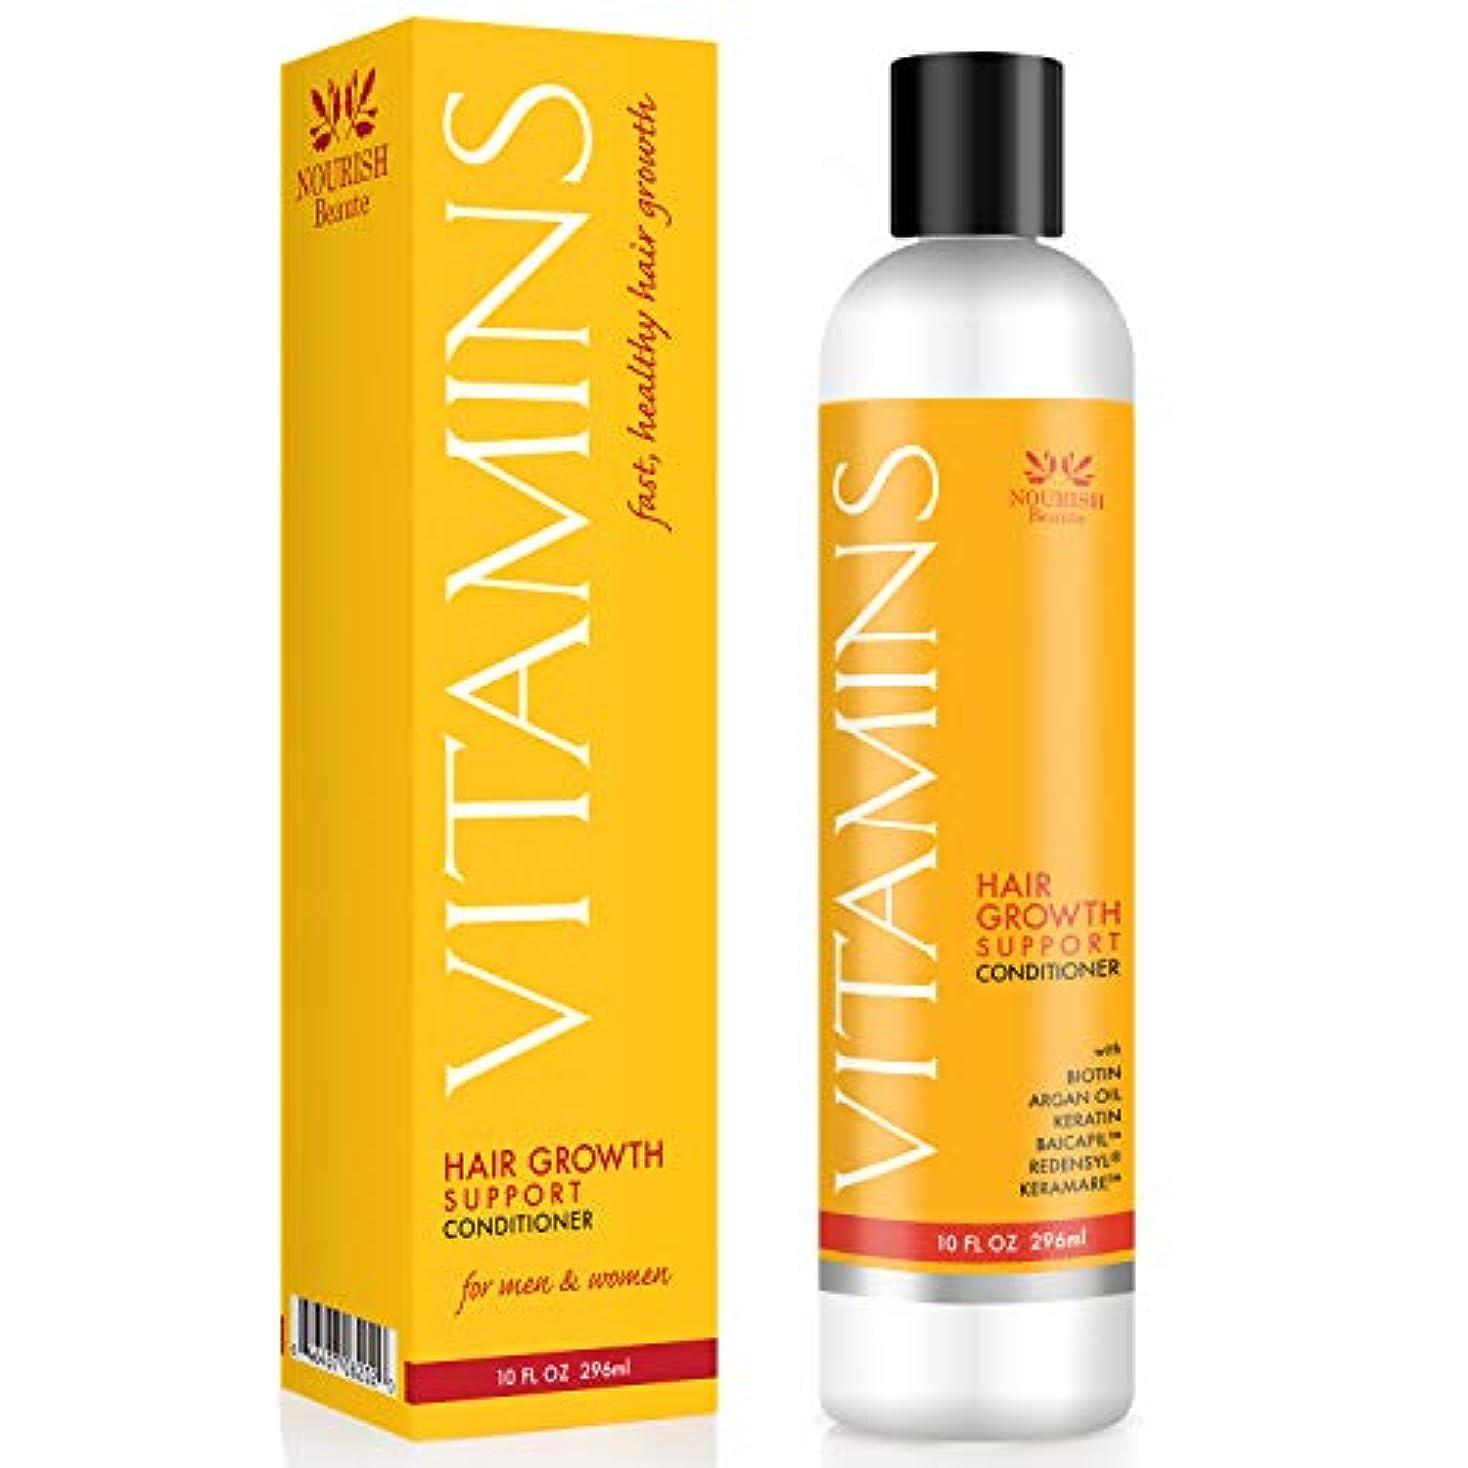 百年雇った故国Vitamins - オーガニック 脱毛トリートメント コンディショナー Organic Hair Loss Treatment and Conditioner, 10 Ounce (296ml)